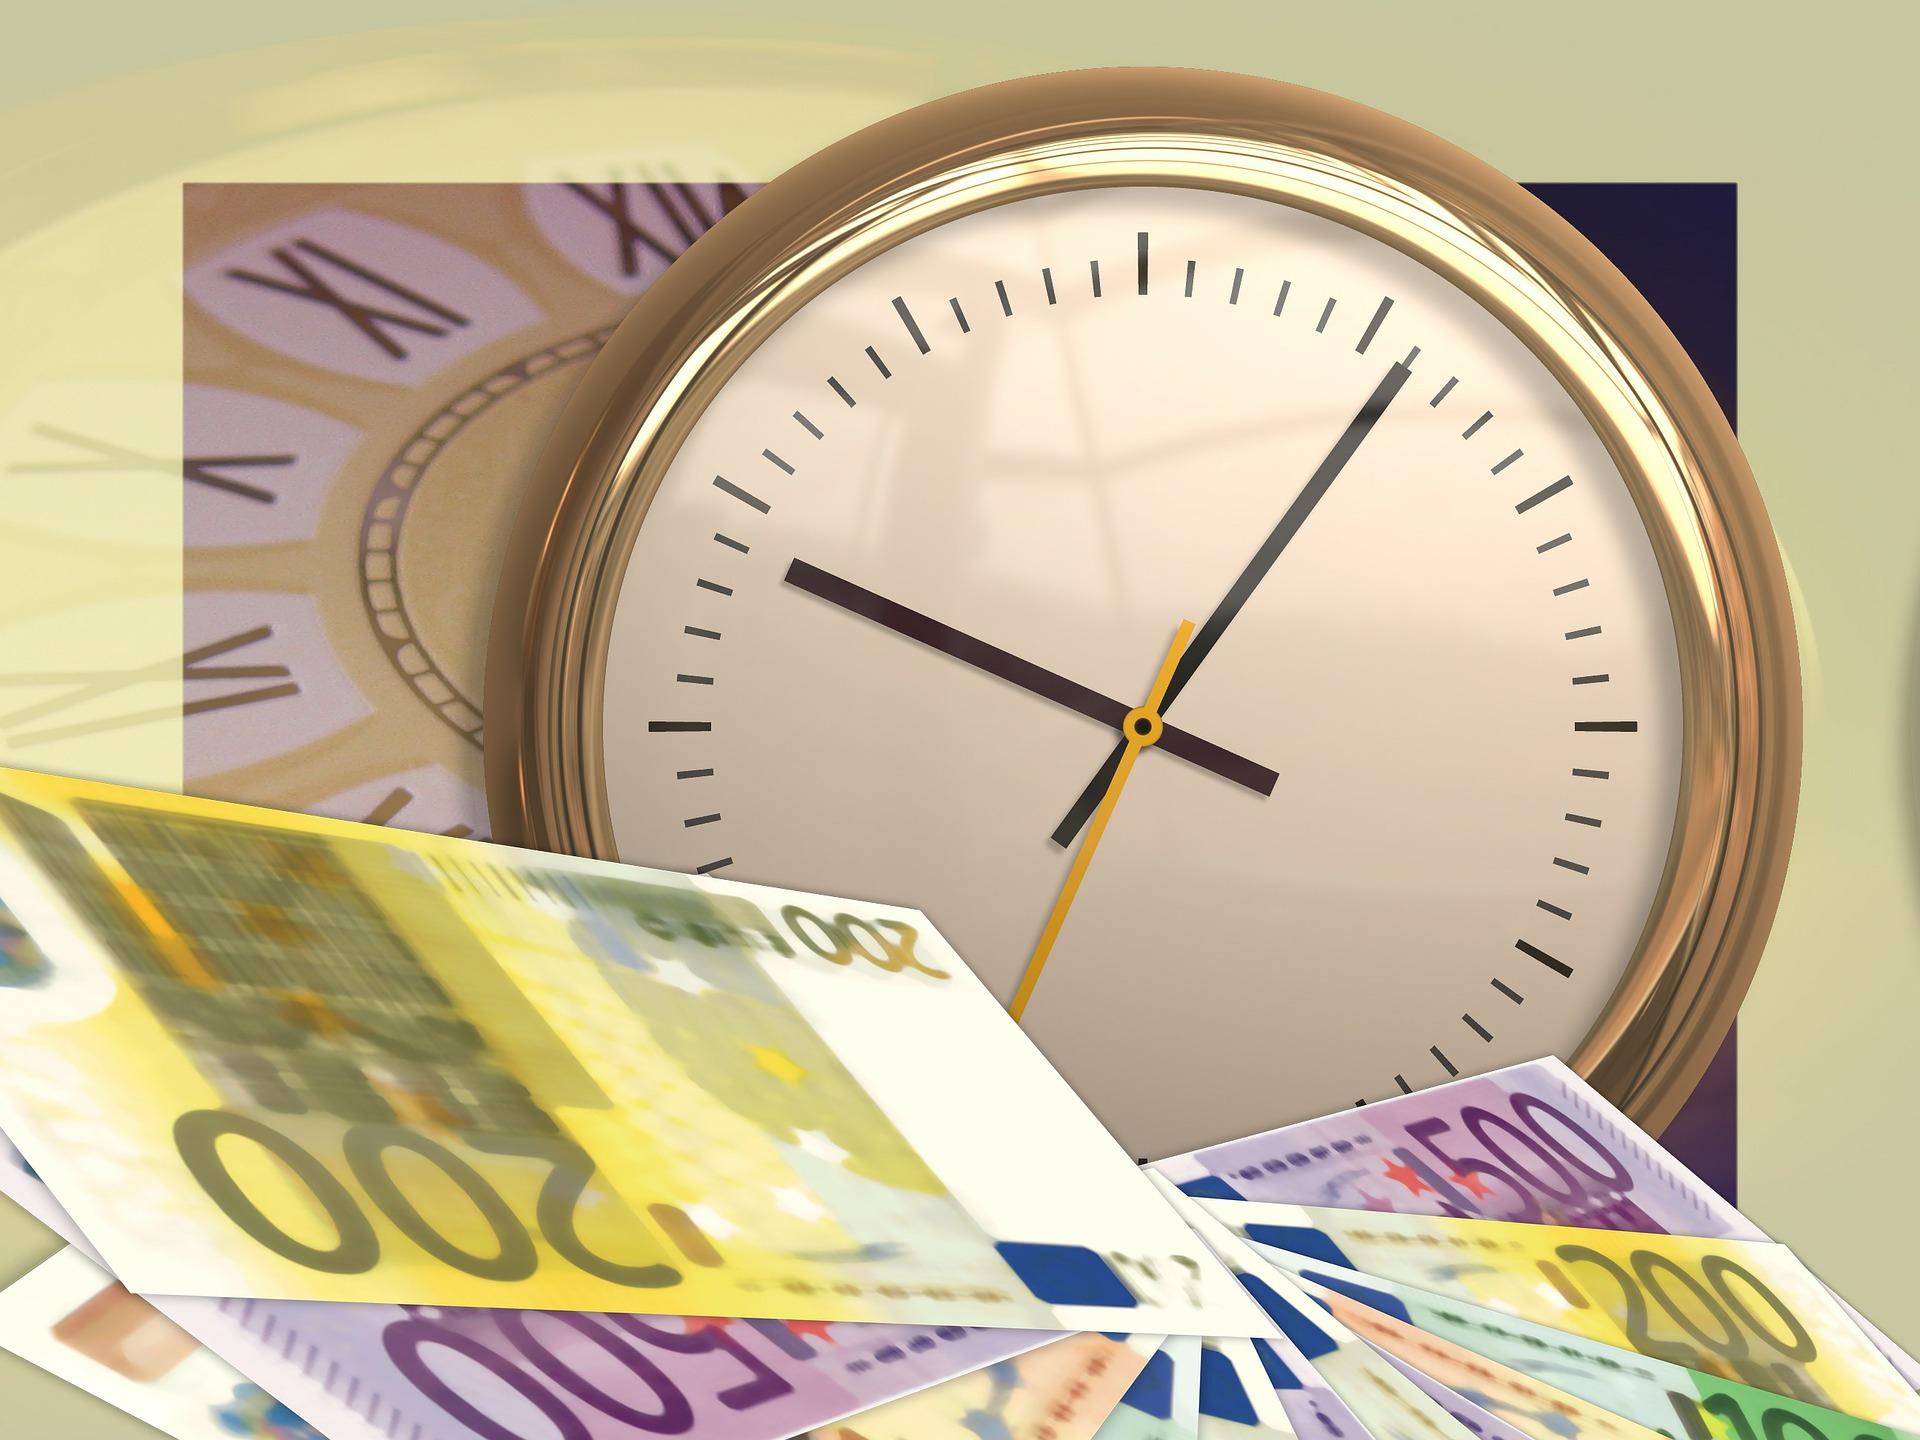 Налоговая «заморозила» счета: можно ли взыскать ущерб?